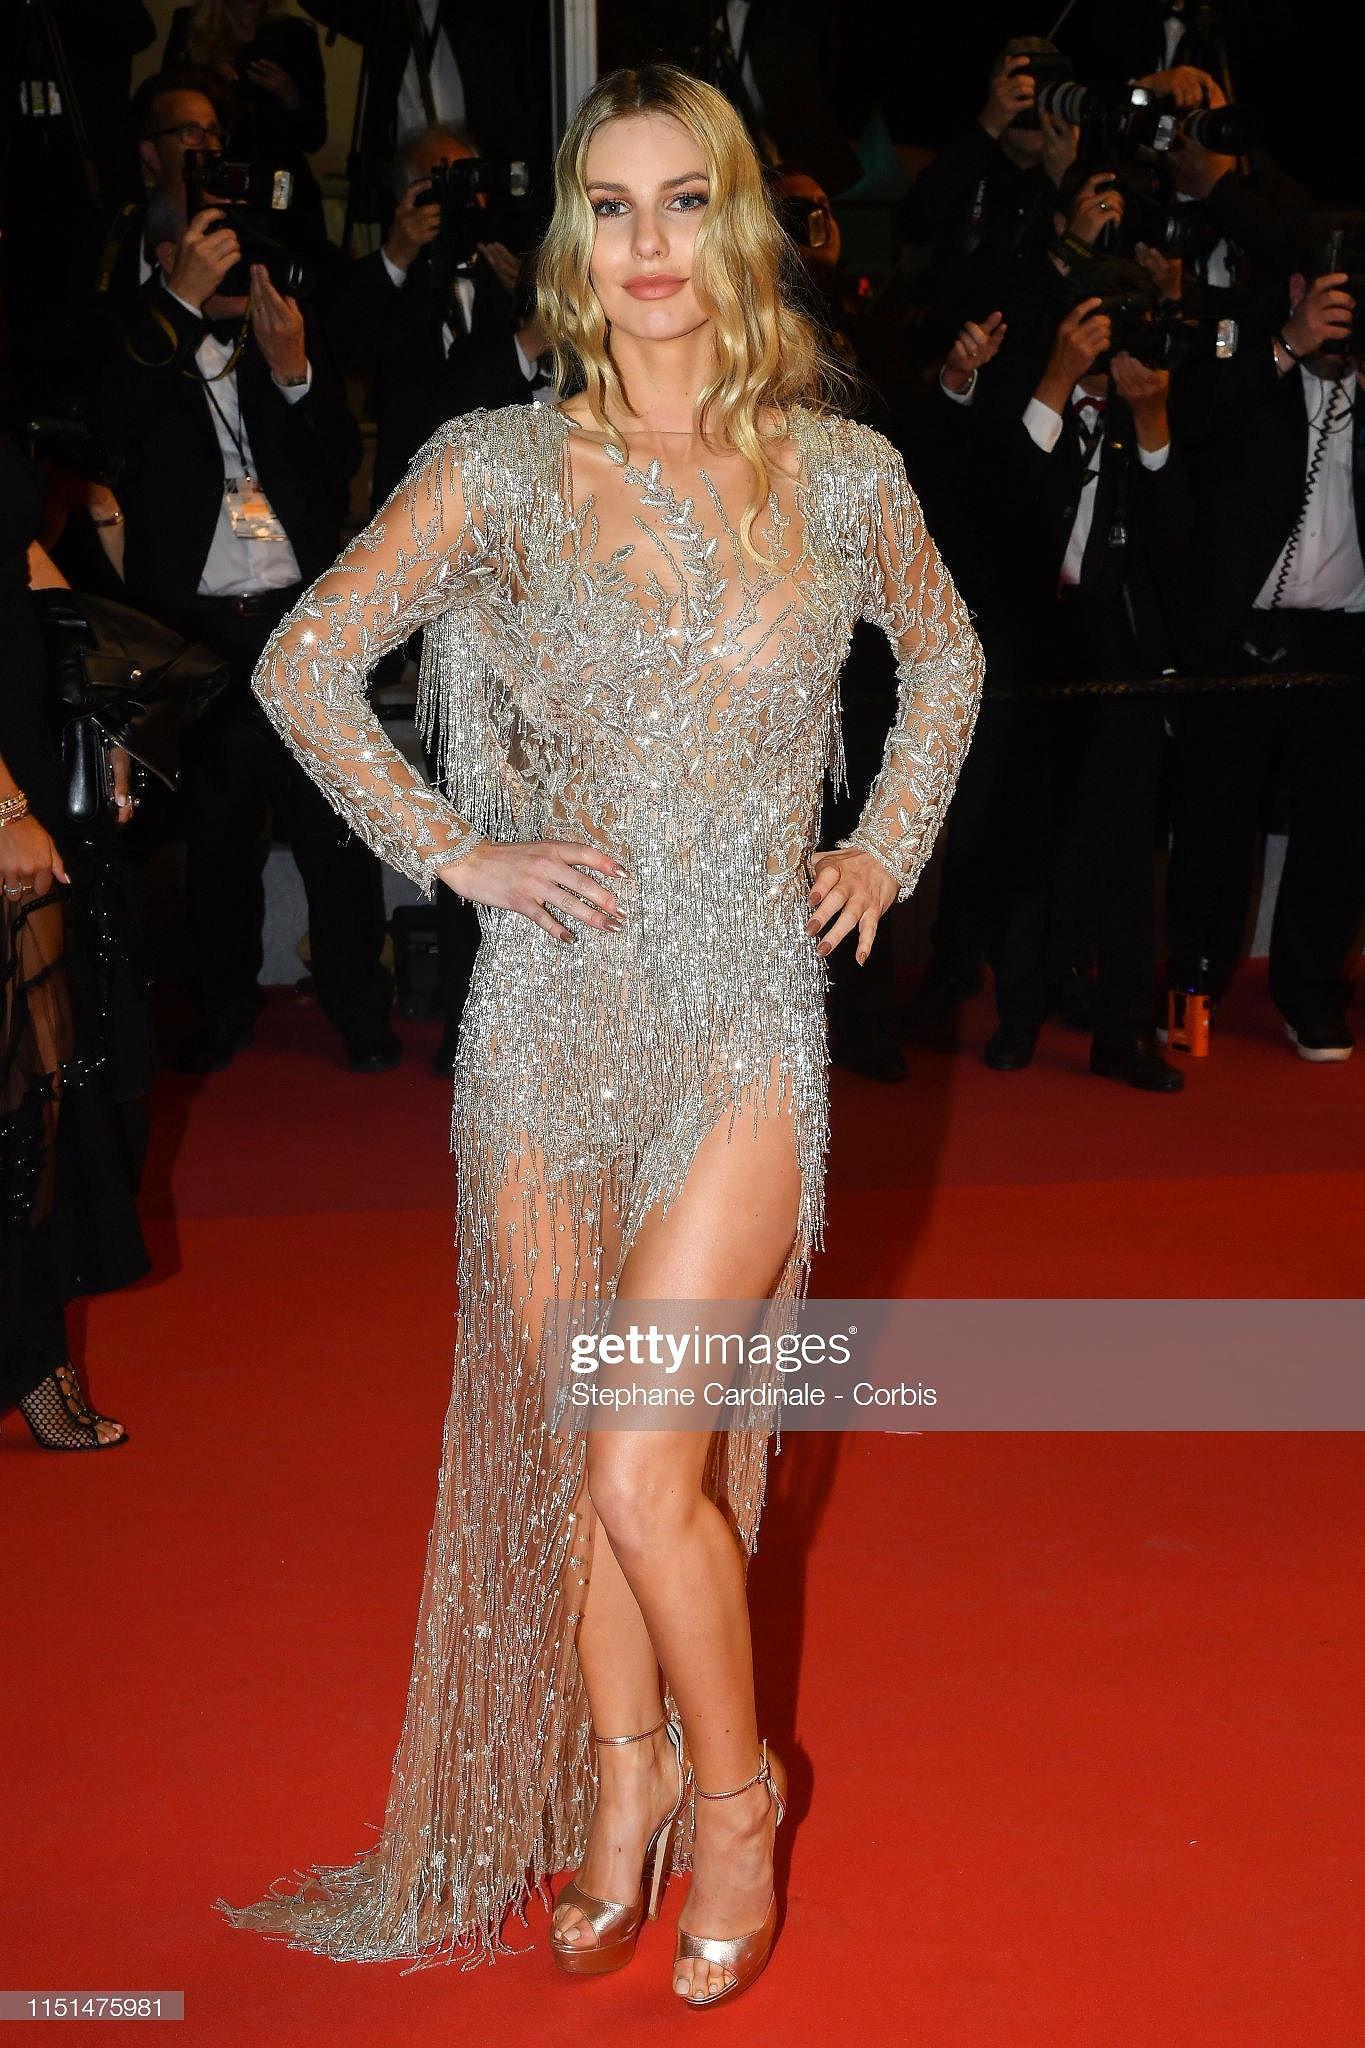 Cannes ngày 11: Xuất hiện loạt 'đối thủ' của Ngọc Trinh, có cả thảm họa thẩm mỹ - Hình 27